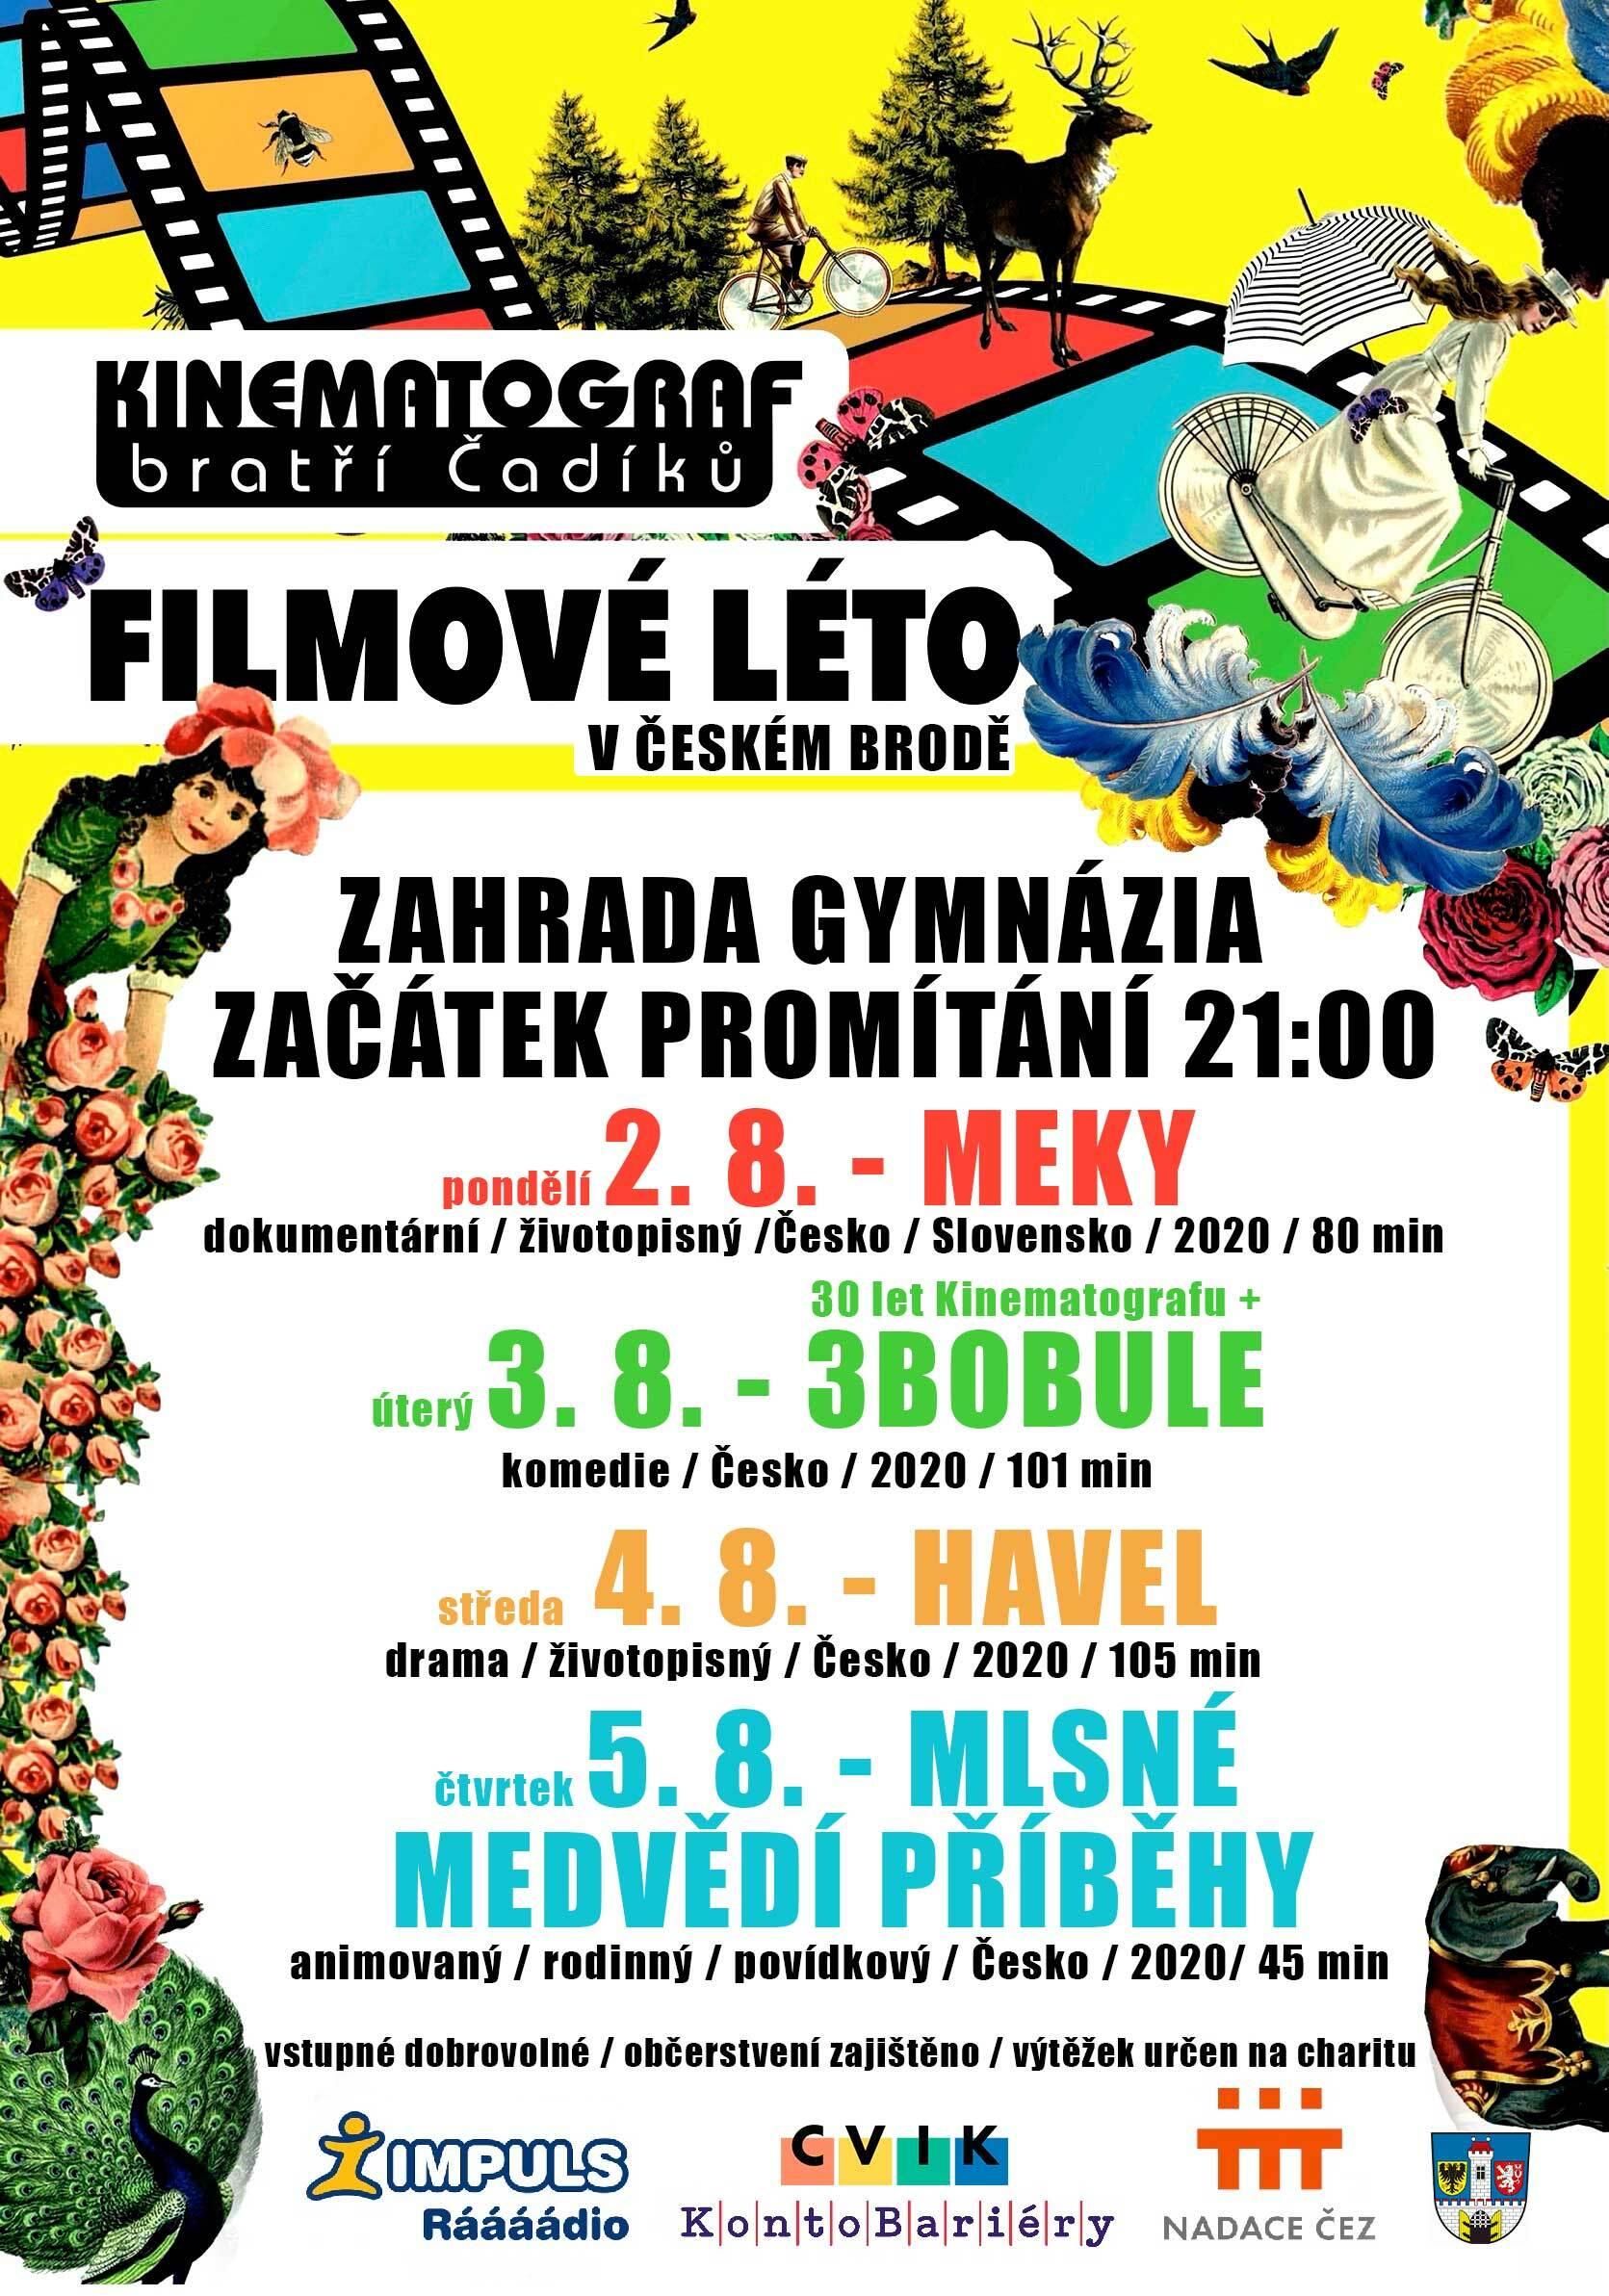 filmove_leto-HB